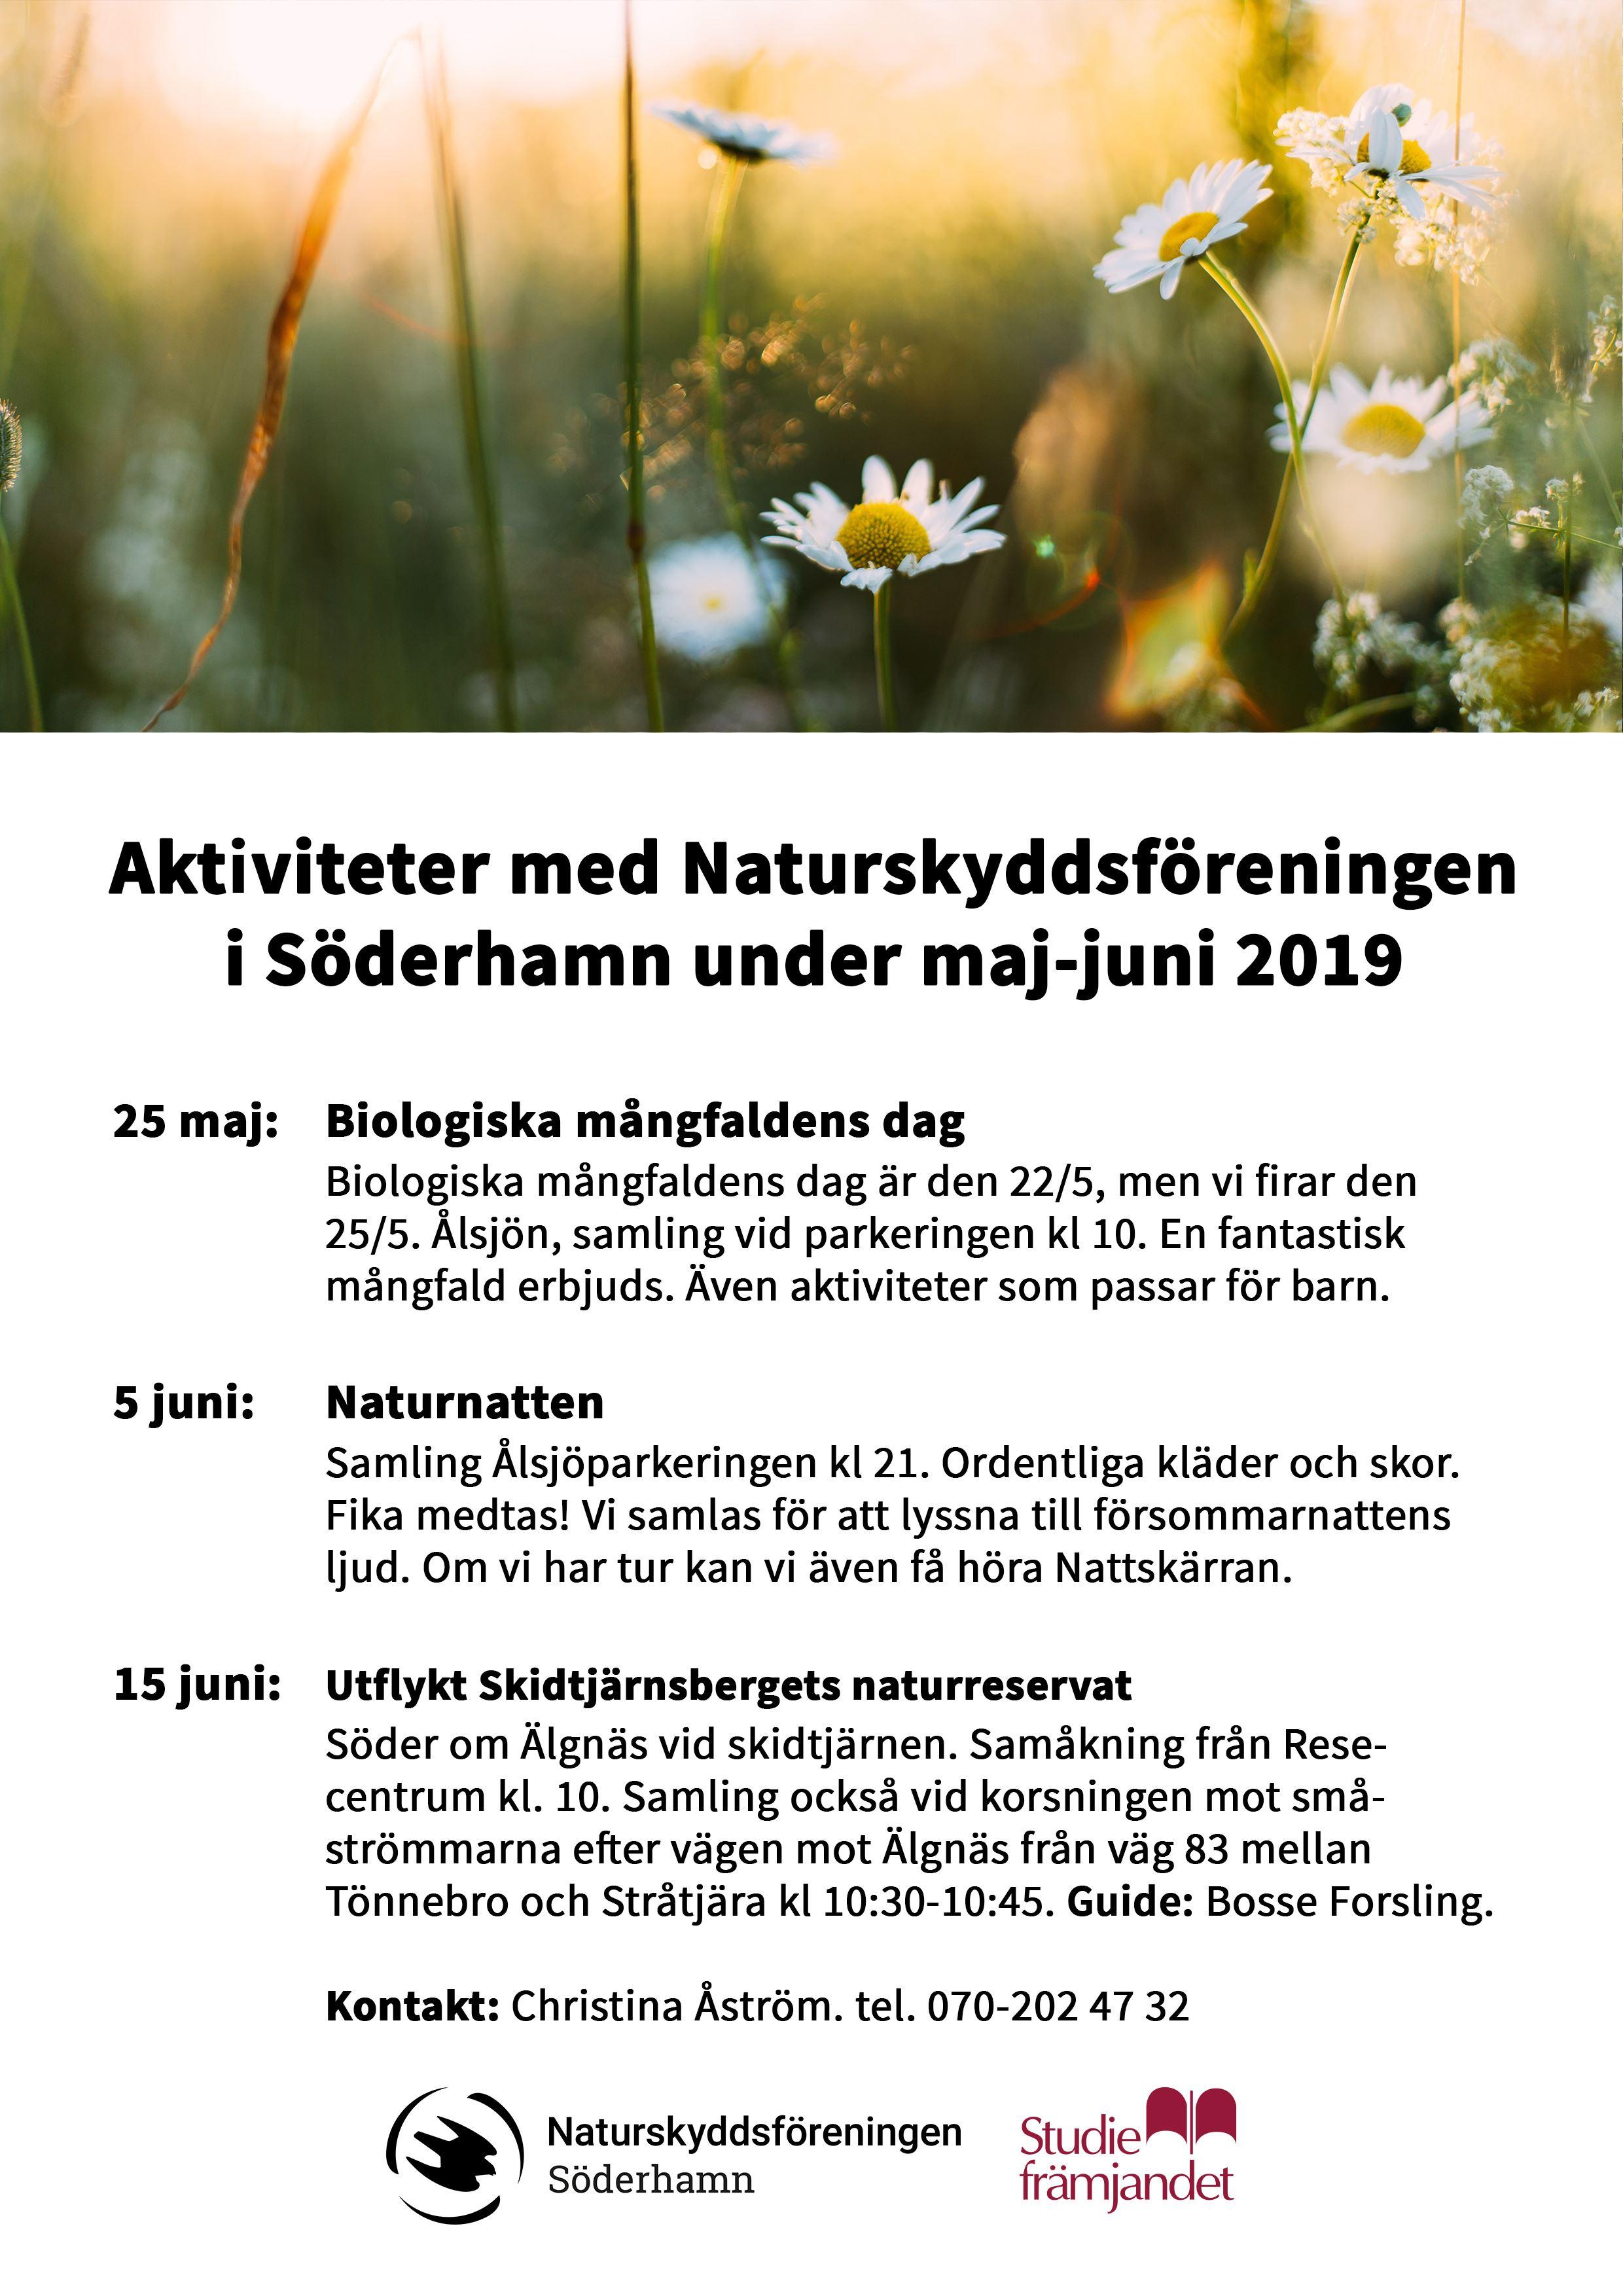 Naturnatten med Naturskyddsföreningen